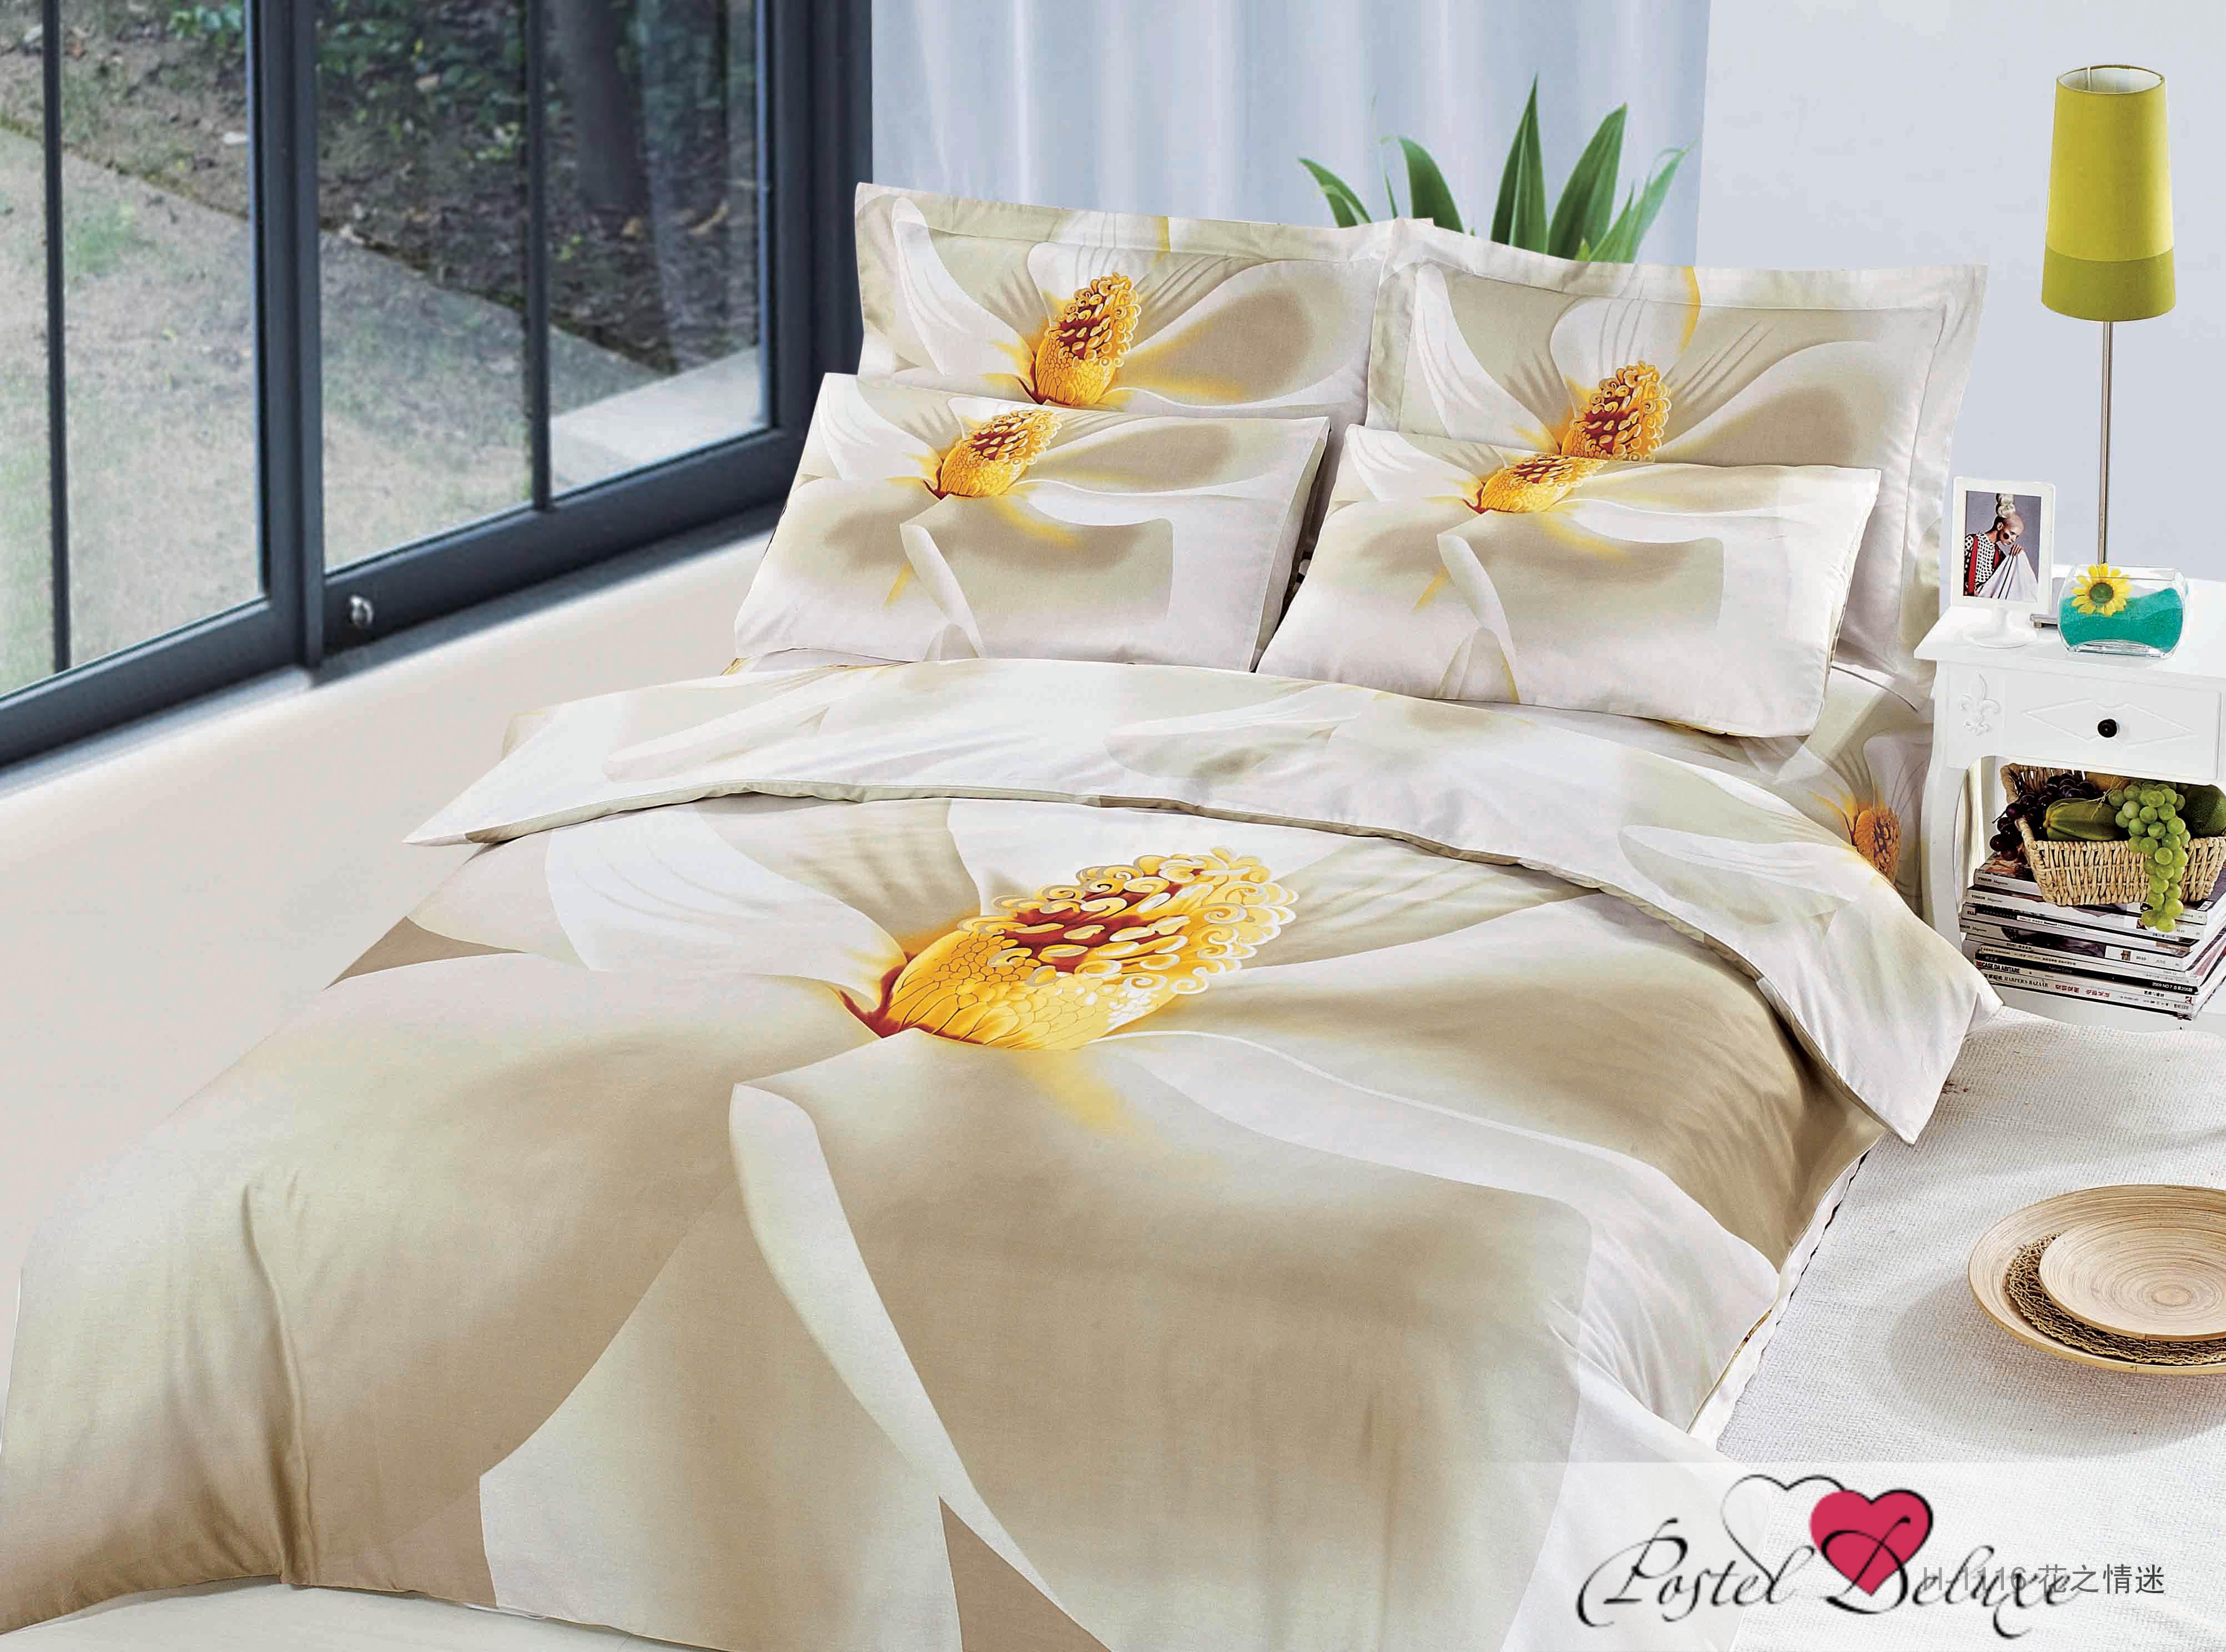 Как и где быстро приобрести постельное белье Buenas Noches модель Buenas Noches КпБ Flirt (2 сп. евро). Предлагаем купить со склада.